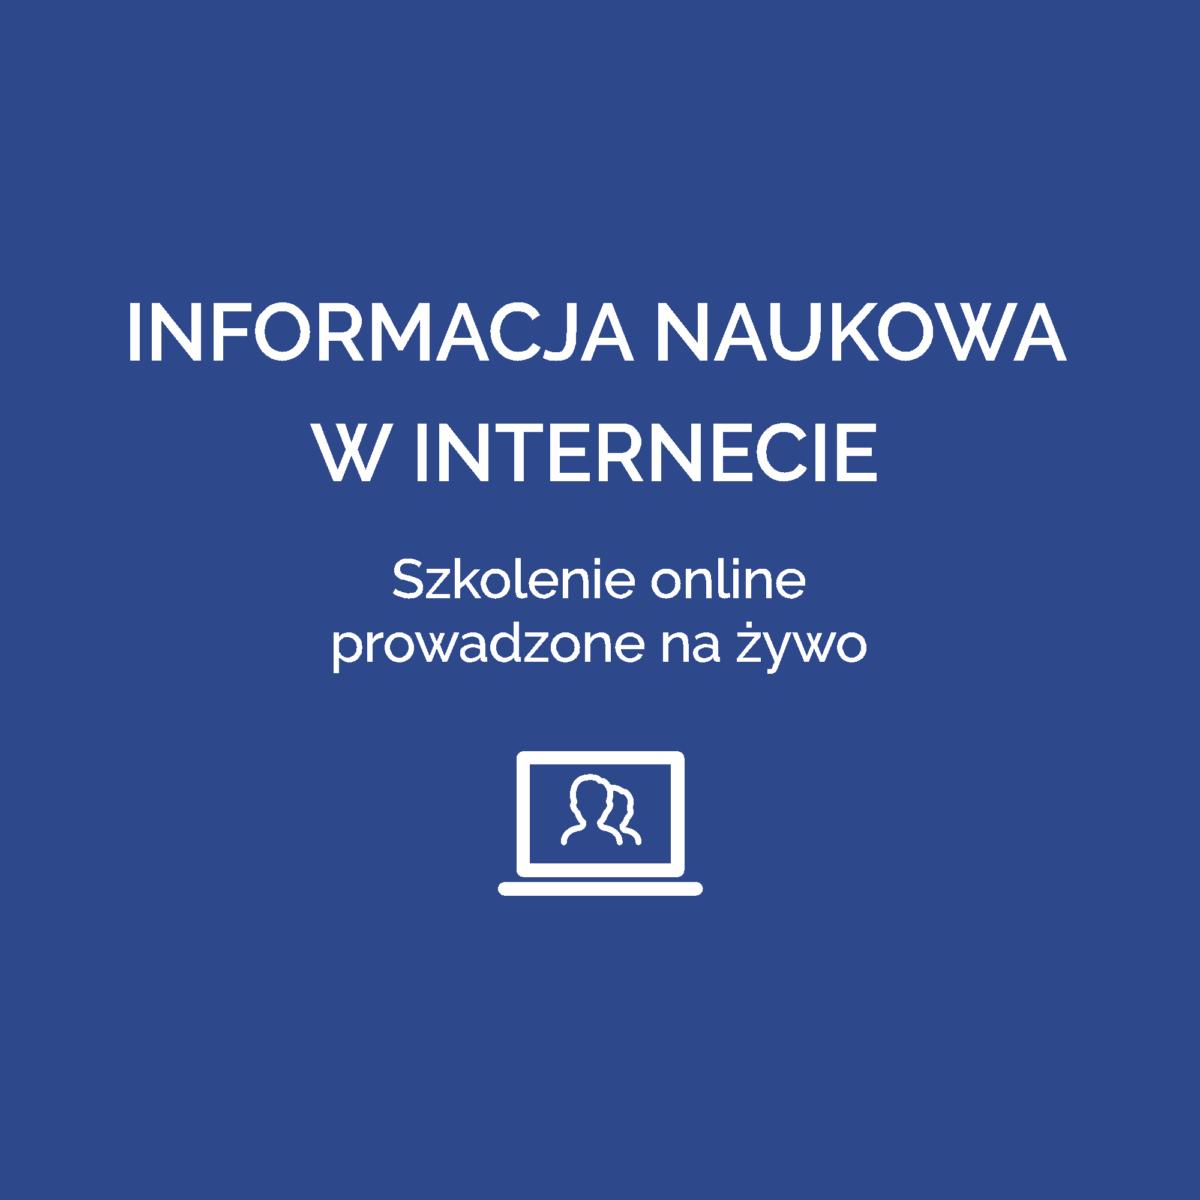 Informacja naukowa w Internecie - Szkolenie online prowadzone na żywo